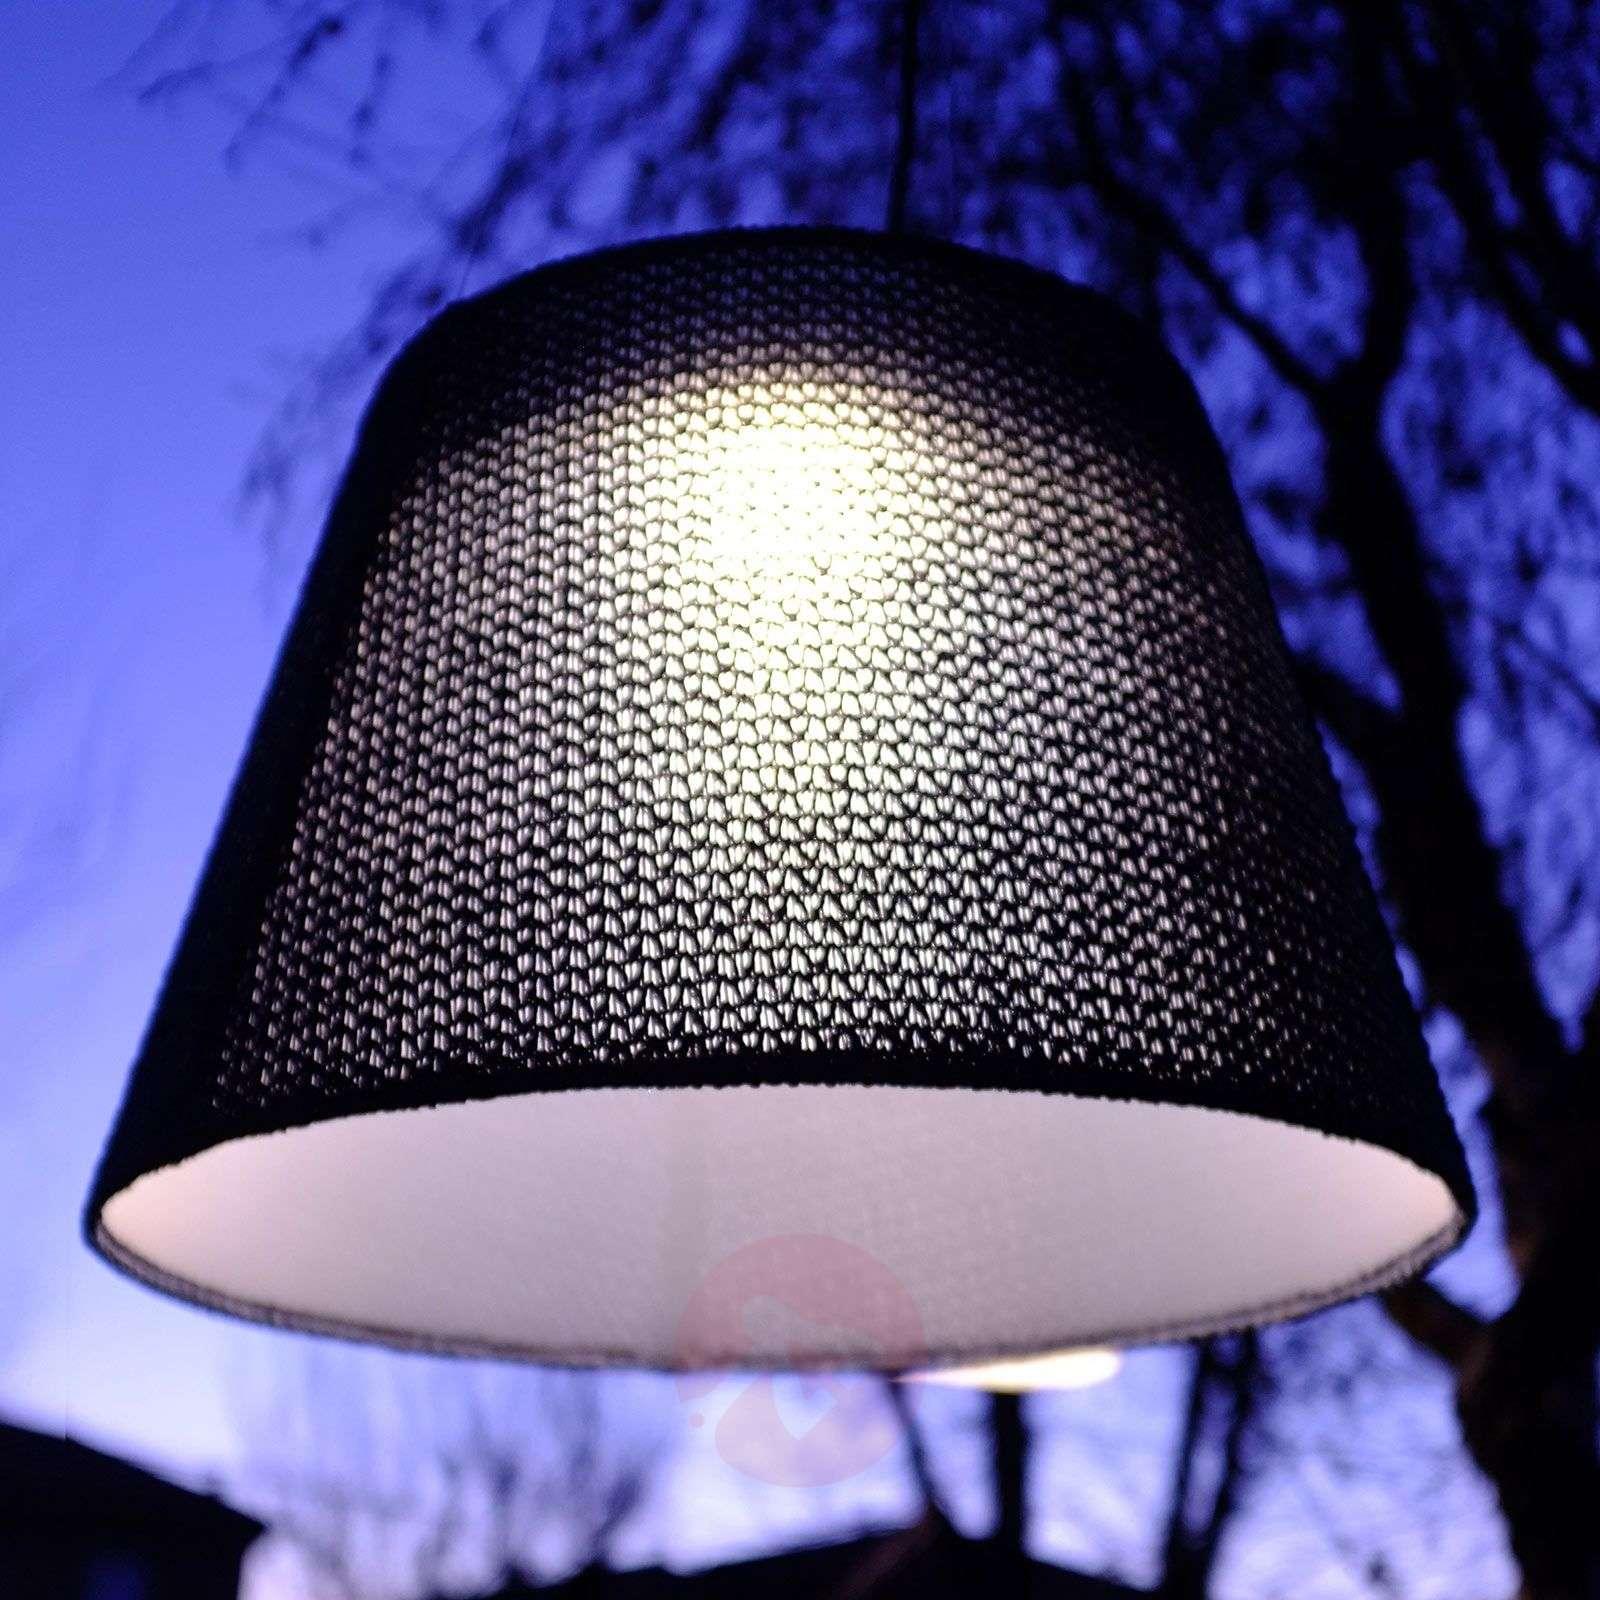 Artemide Tolomeo LED-ulkoriippuvalaisin, musta-1061032-01